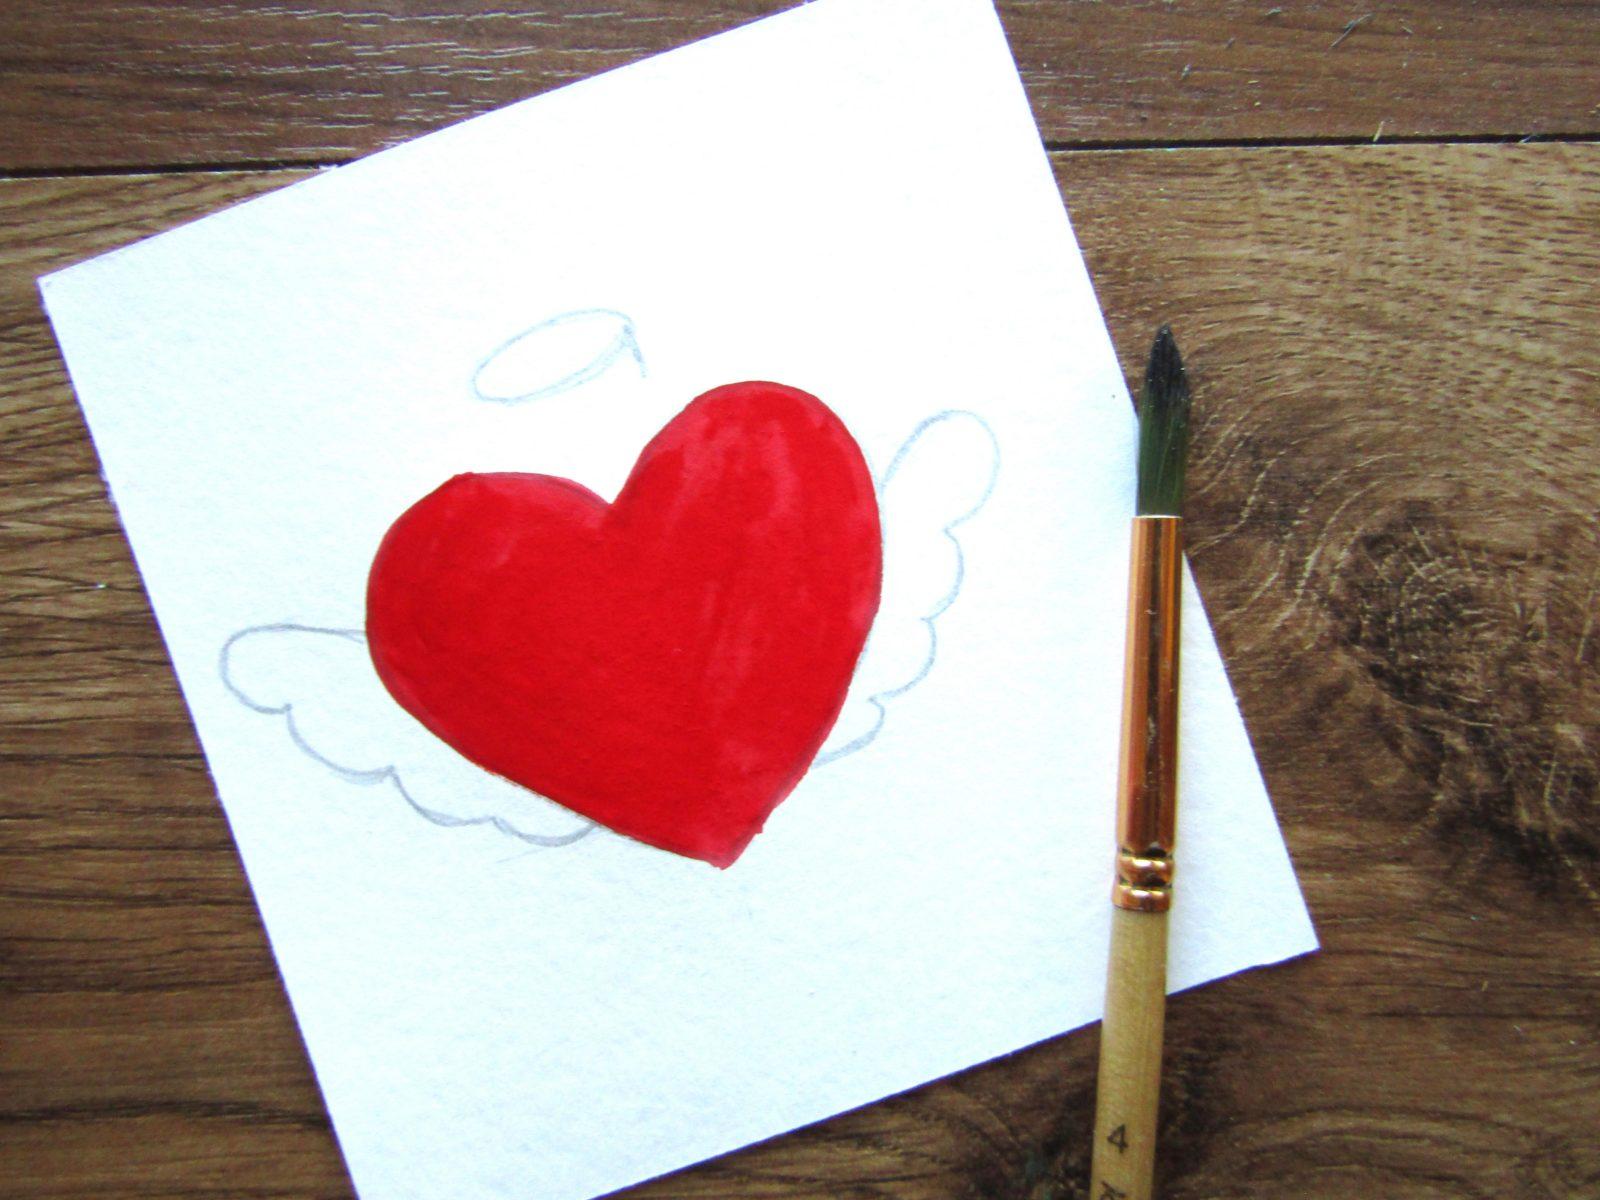 Как нарисовать сердечко гуашью - 6